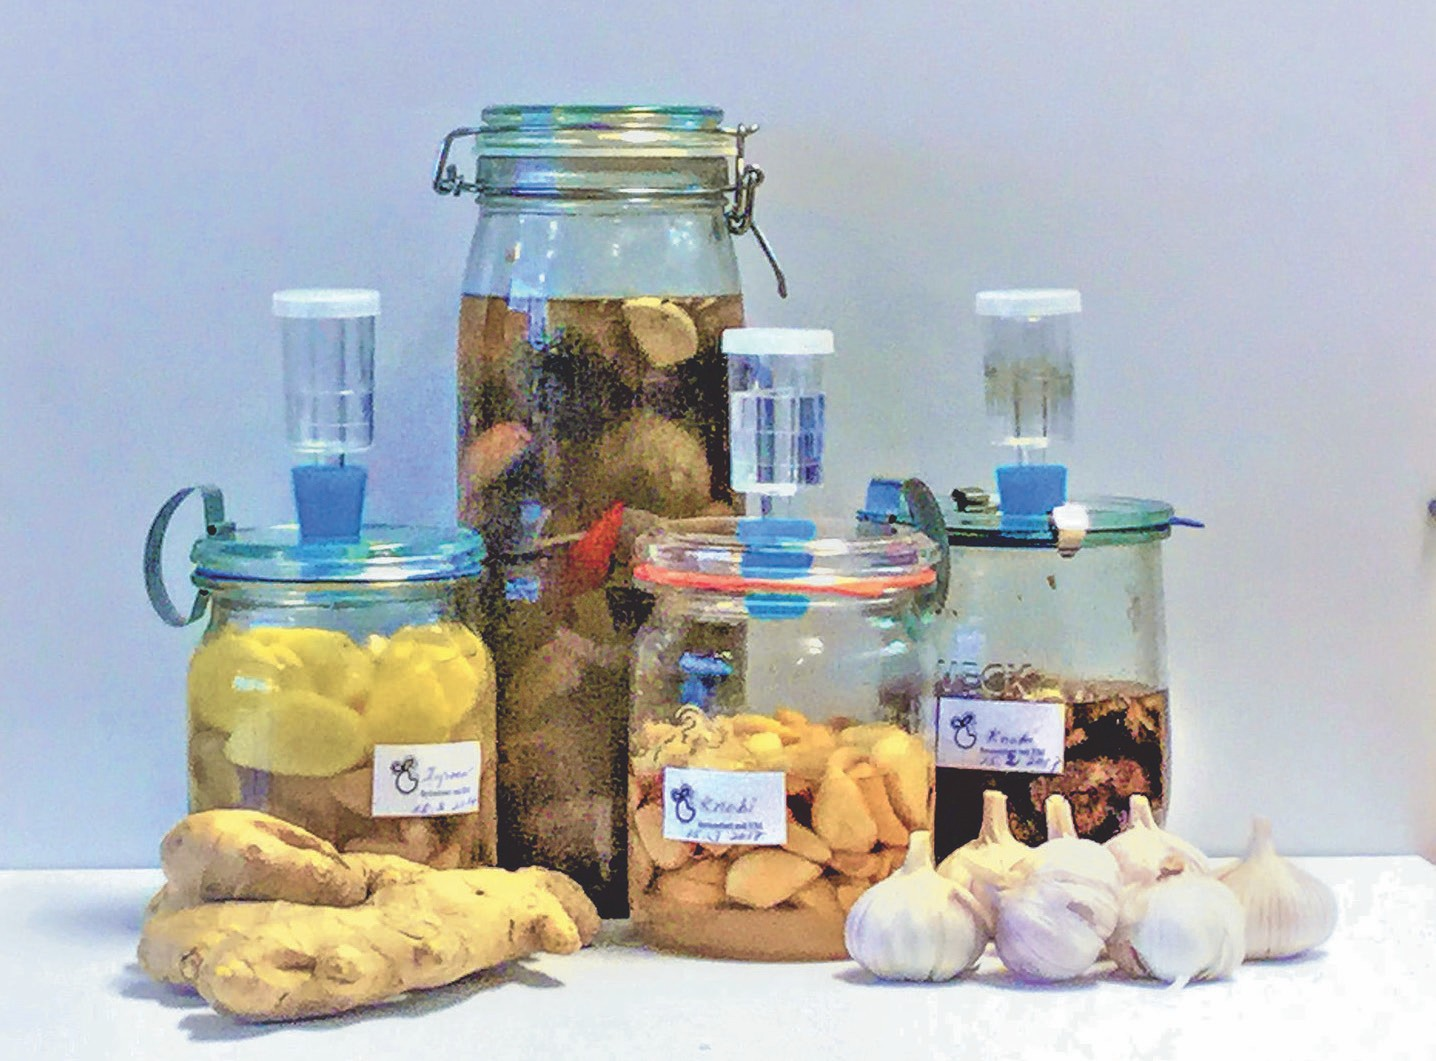 Mit EM fermentiert sind Knoblauch und Ingwer noch wertvoller.